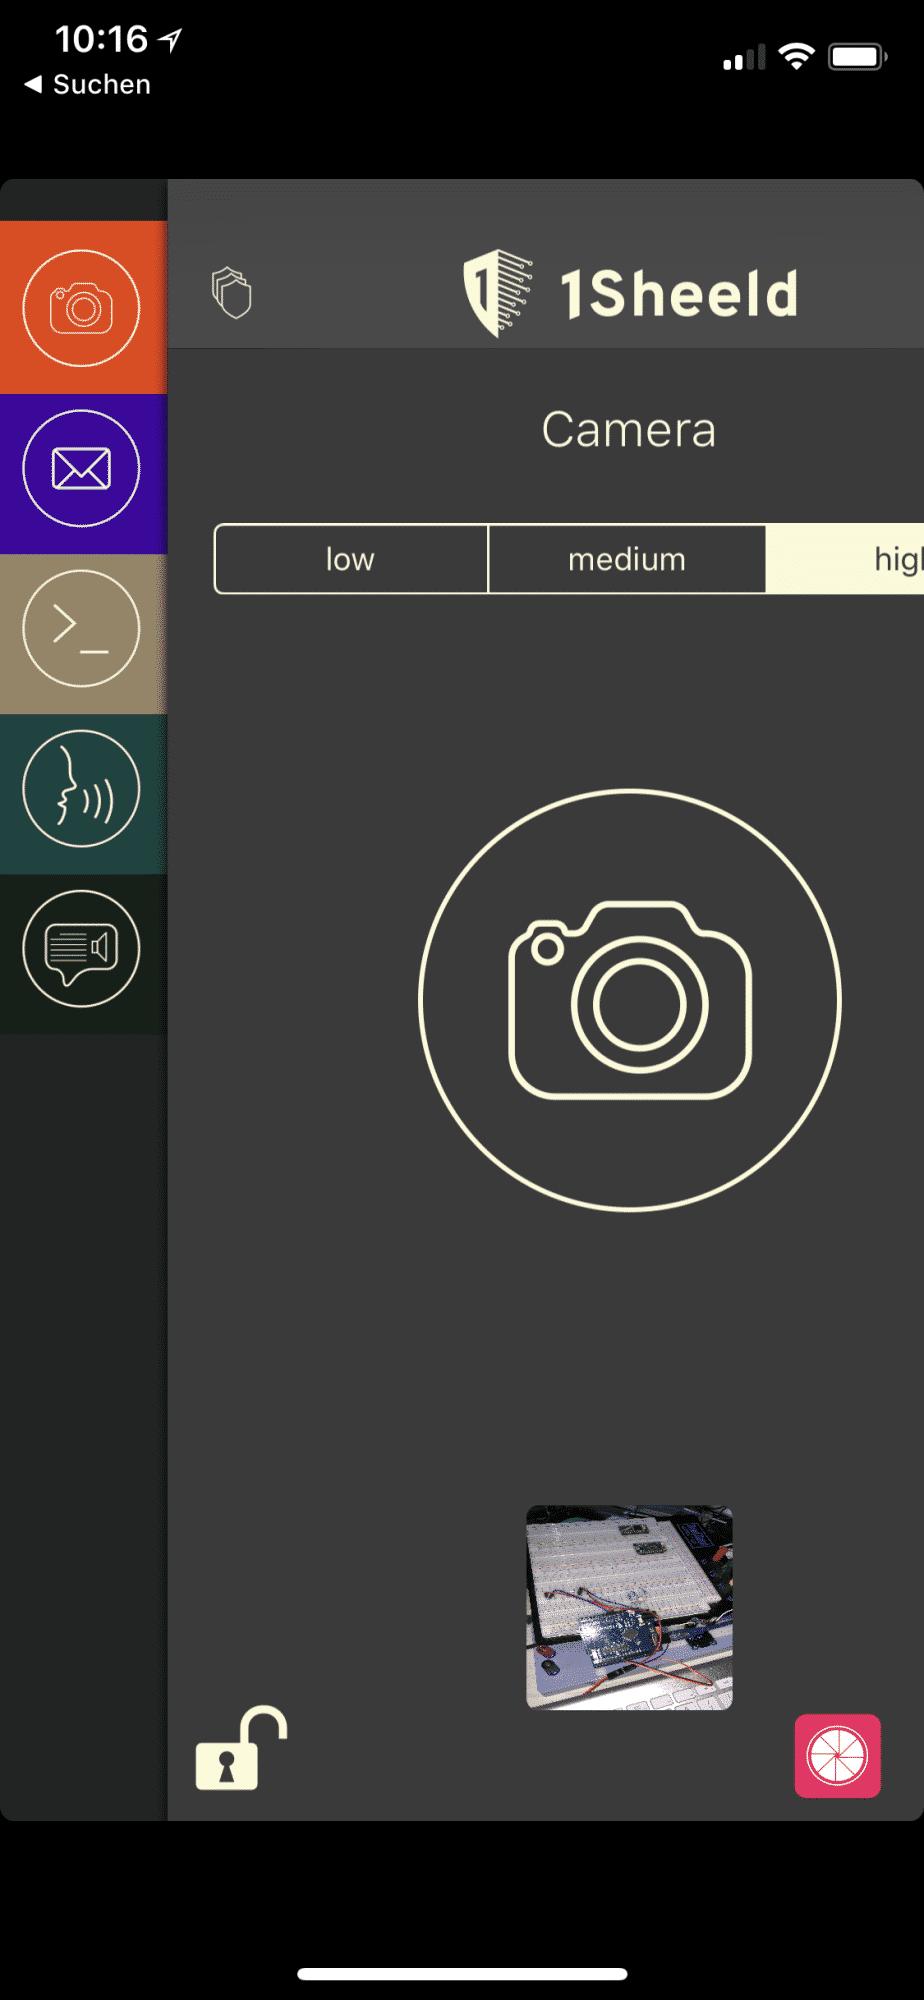 Schritt 2: Die benötigten Shields (Terminal, EMail, Camera, Voice Recognizer, Text-to-Speech) wurden in der App ausgewählt